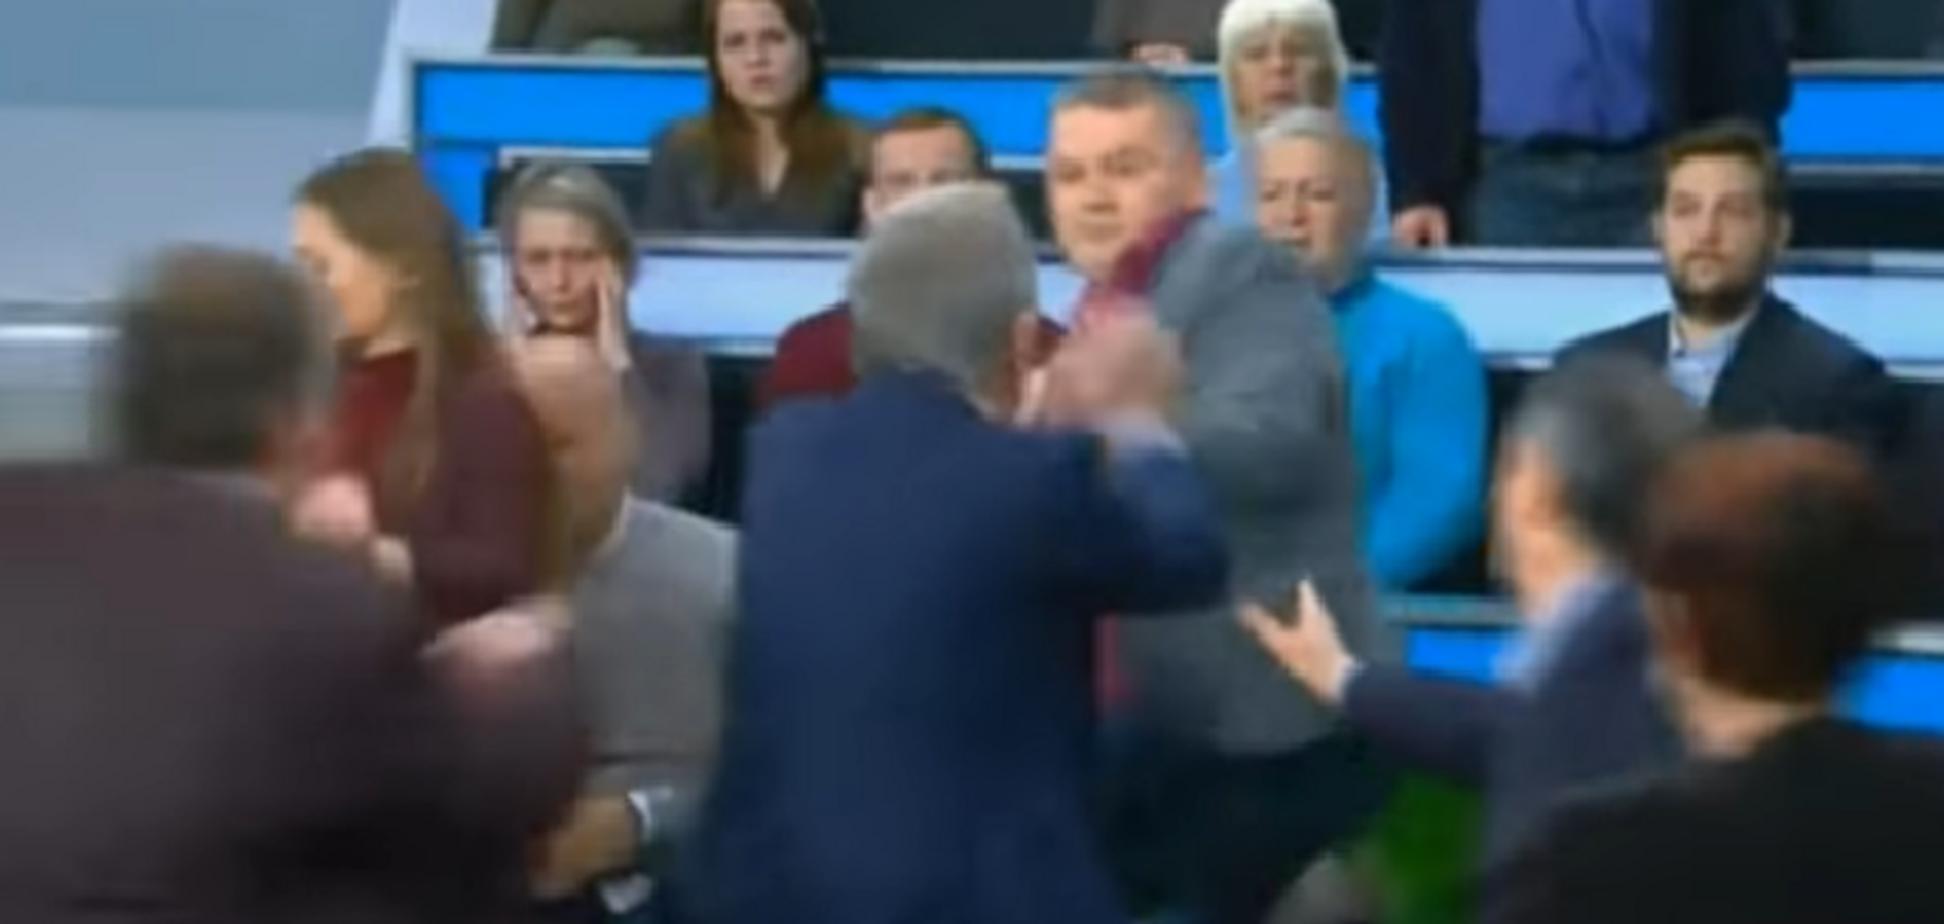 Накинулися натовпом: українець розкрив подробиці бійки на КремльТВ